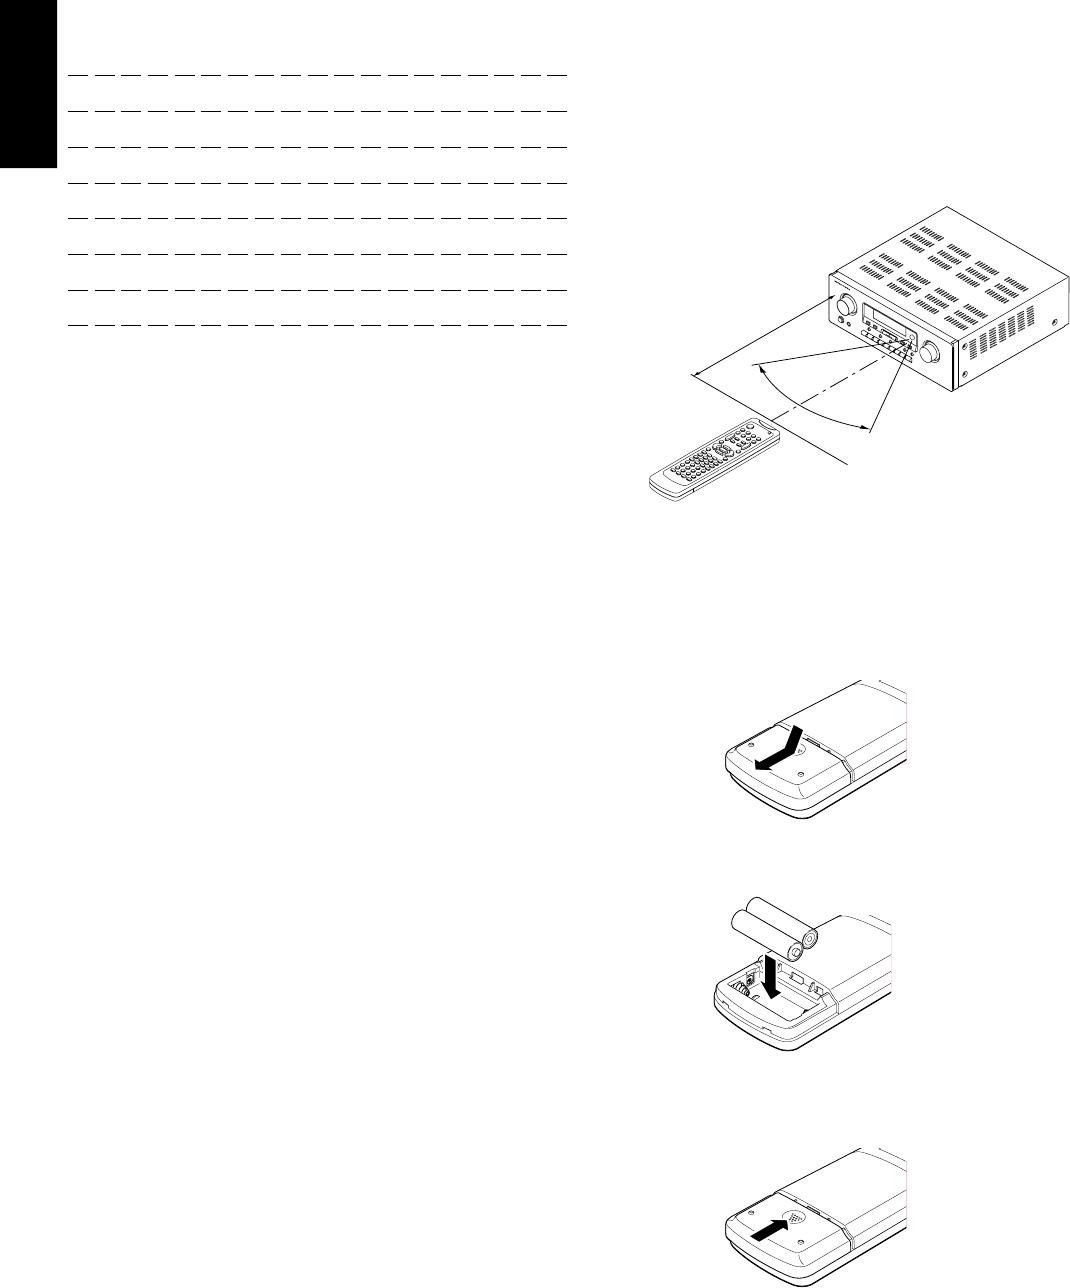 Marantz SR4200 OPERATION OF REMOTE CONTROL UNIT